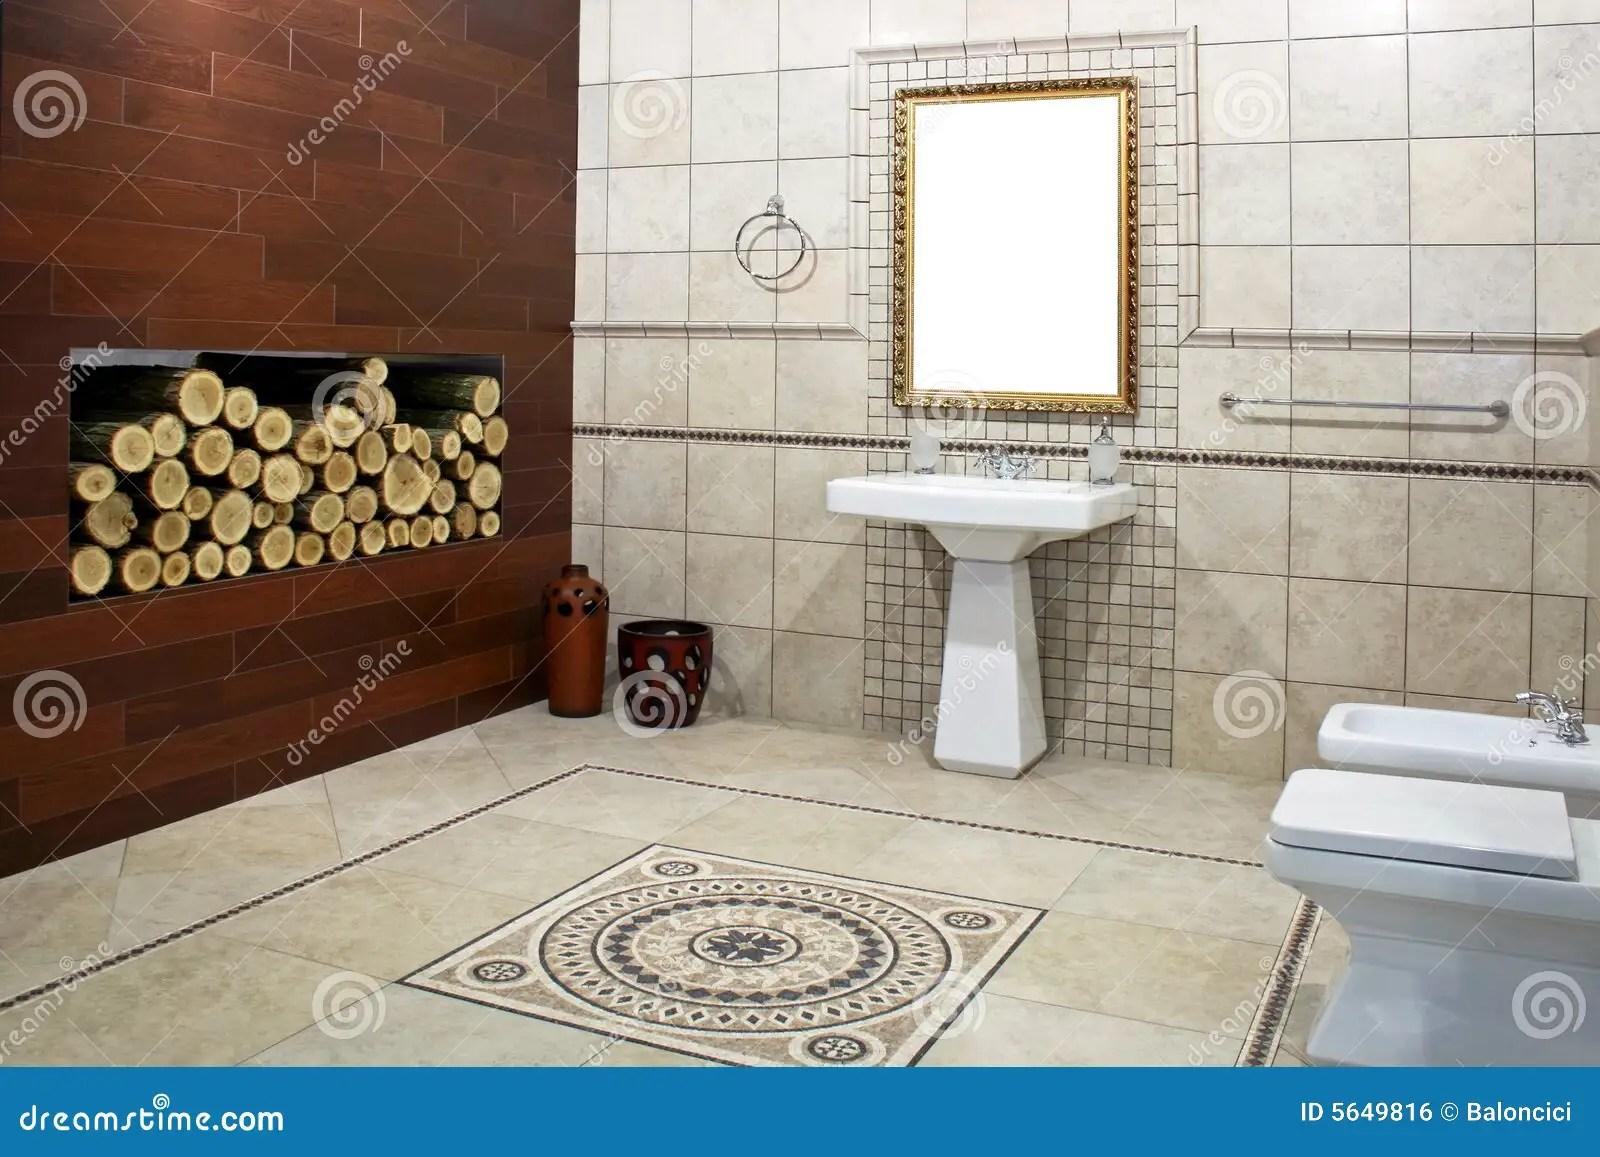 Italienisches Badezimmer stockfoto Bild von griffe bassin  5649816